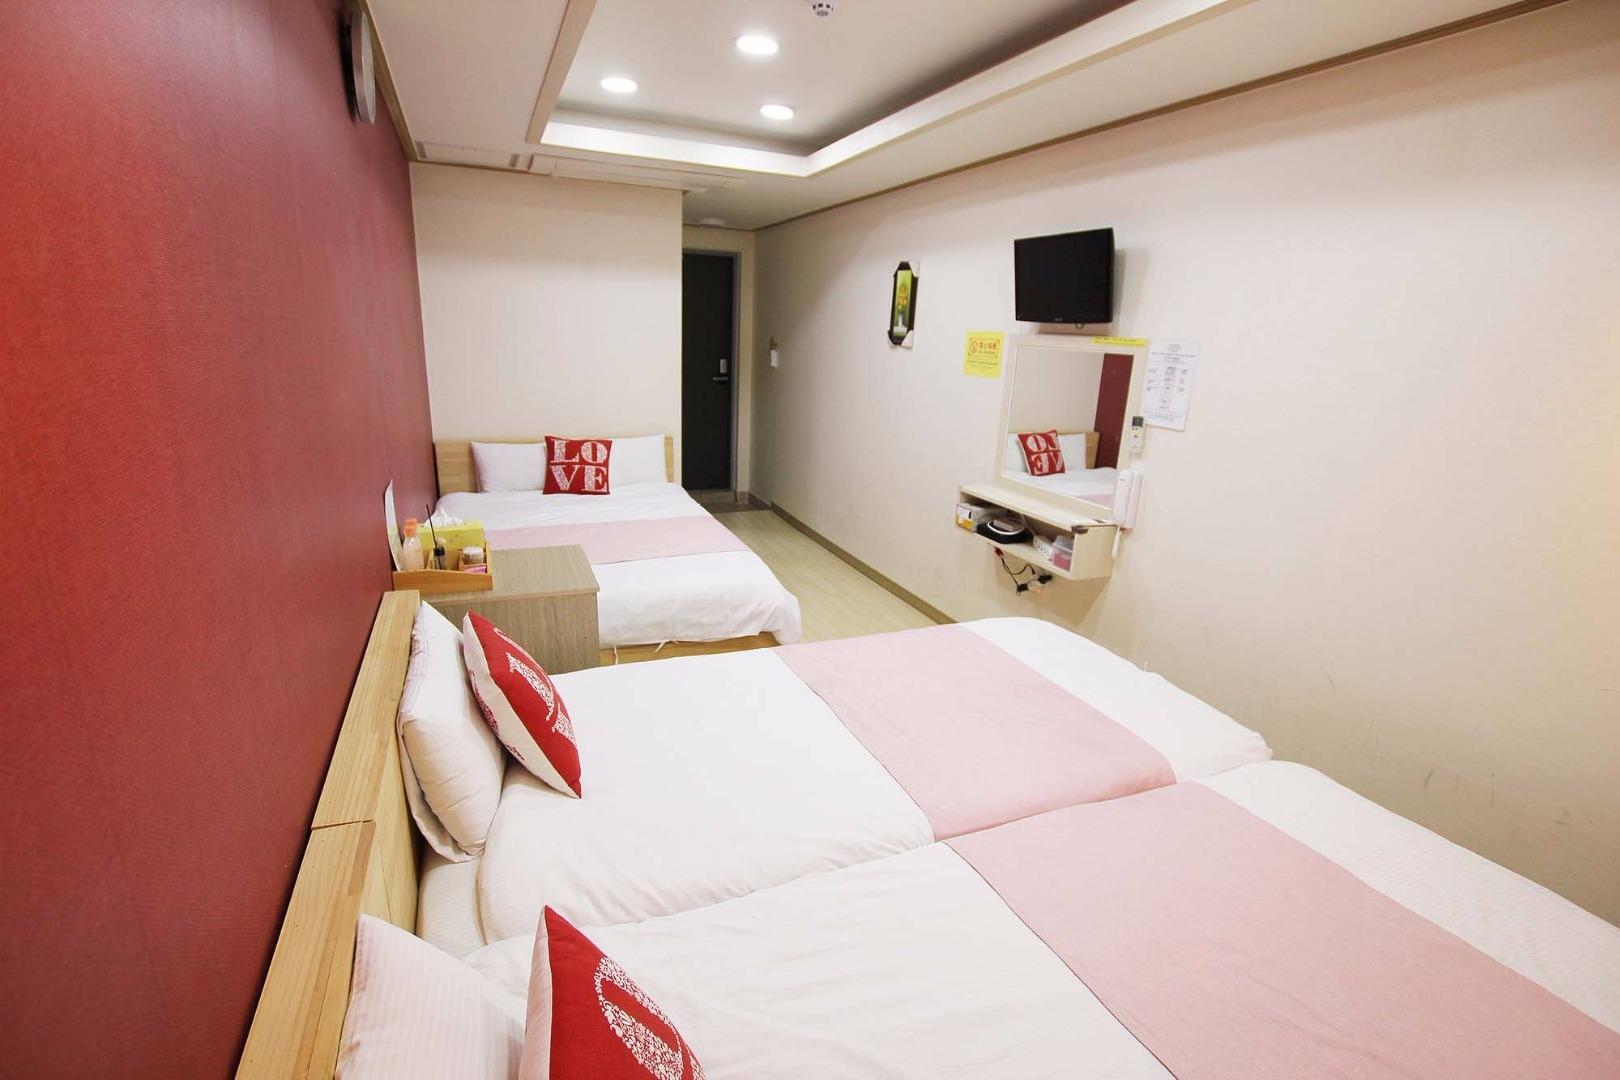 112 相片來源:韓國首爾民宿 KoTa House